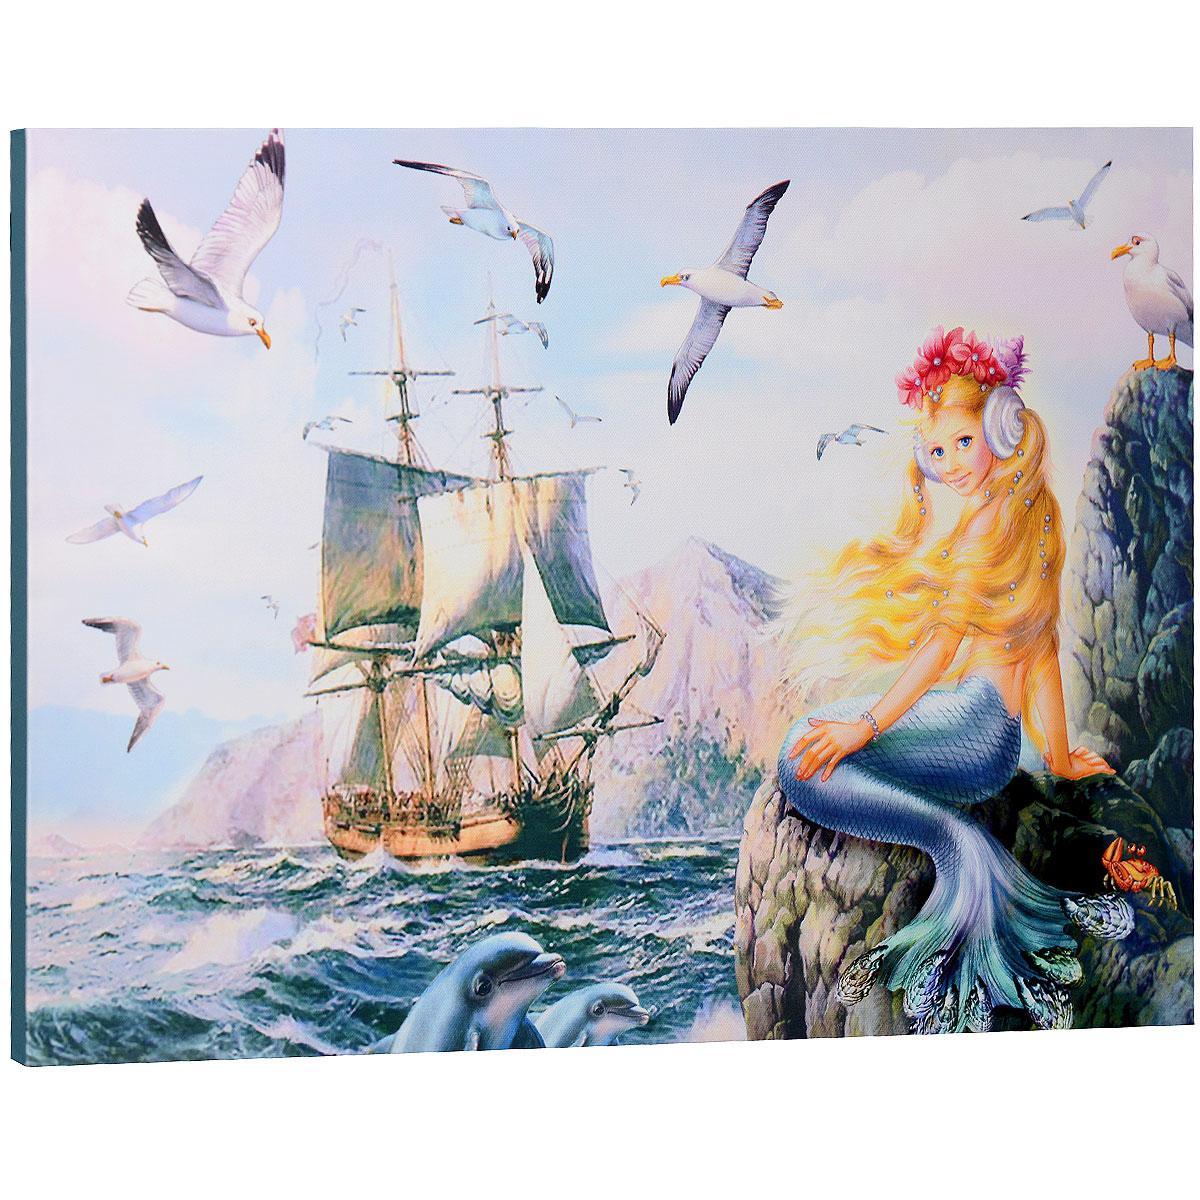 КвикДекор Картина на холсте Морская принцесса, 60 см х 40 см4607161054833Картина на холсте КвикДекор Морская принцесса автора Зорина Балдеску дополнит обстановку интерьера яркими красками и необычным оформлением. Изделие представляет собой картину с латексной печатью на натуральном хлопчатобумажном холсте. Галерейная натяжка холста на подрамники выполнена очень аккуратно, а боковые части картины запечатаны тоновой заливкой. Обратная сторона подрамника содержит отверстие, благодаря которому картину можно легко закрепить на стене и подкорректировать ее положение.Автор картины специализируется на создании восхитительных сказочных образов - русалок, принцесс, фей, единорогов и многих других. Сказки, иллюстрированные Зориной, - особый, волшебный и очаровательный мир, подаренный нам художницей посредством ее искусства и неисчерпаемой фантазии.Картина Морская принцесса отлично подойдет к интерьеру не только детской комнаты, но и гостиной.Картина поставляется в стрейч-пленке с защитными картонными уголками, упакована в гофрокоробку с термоусадкой.